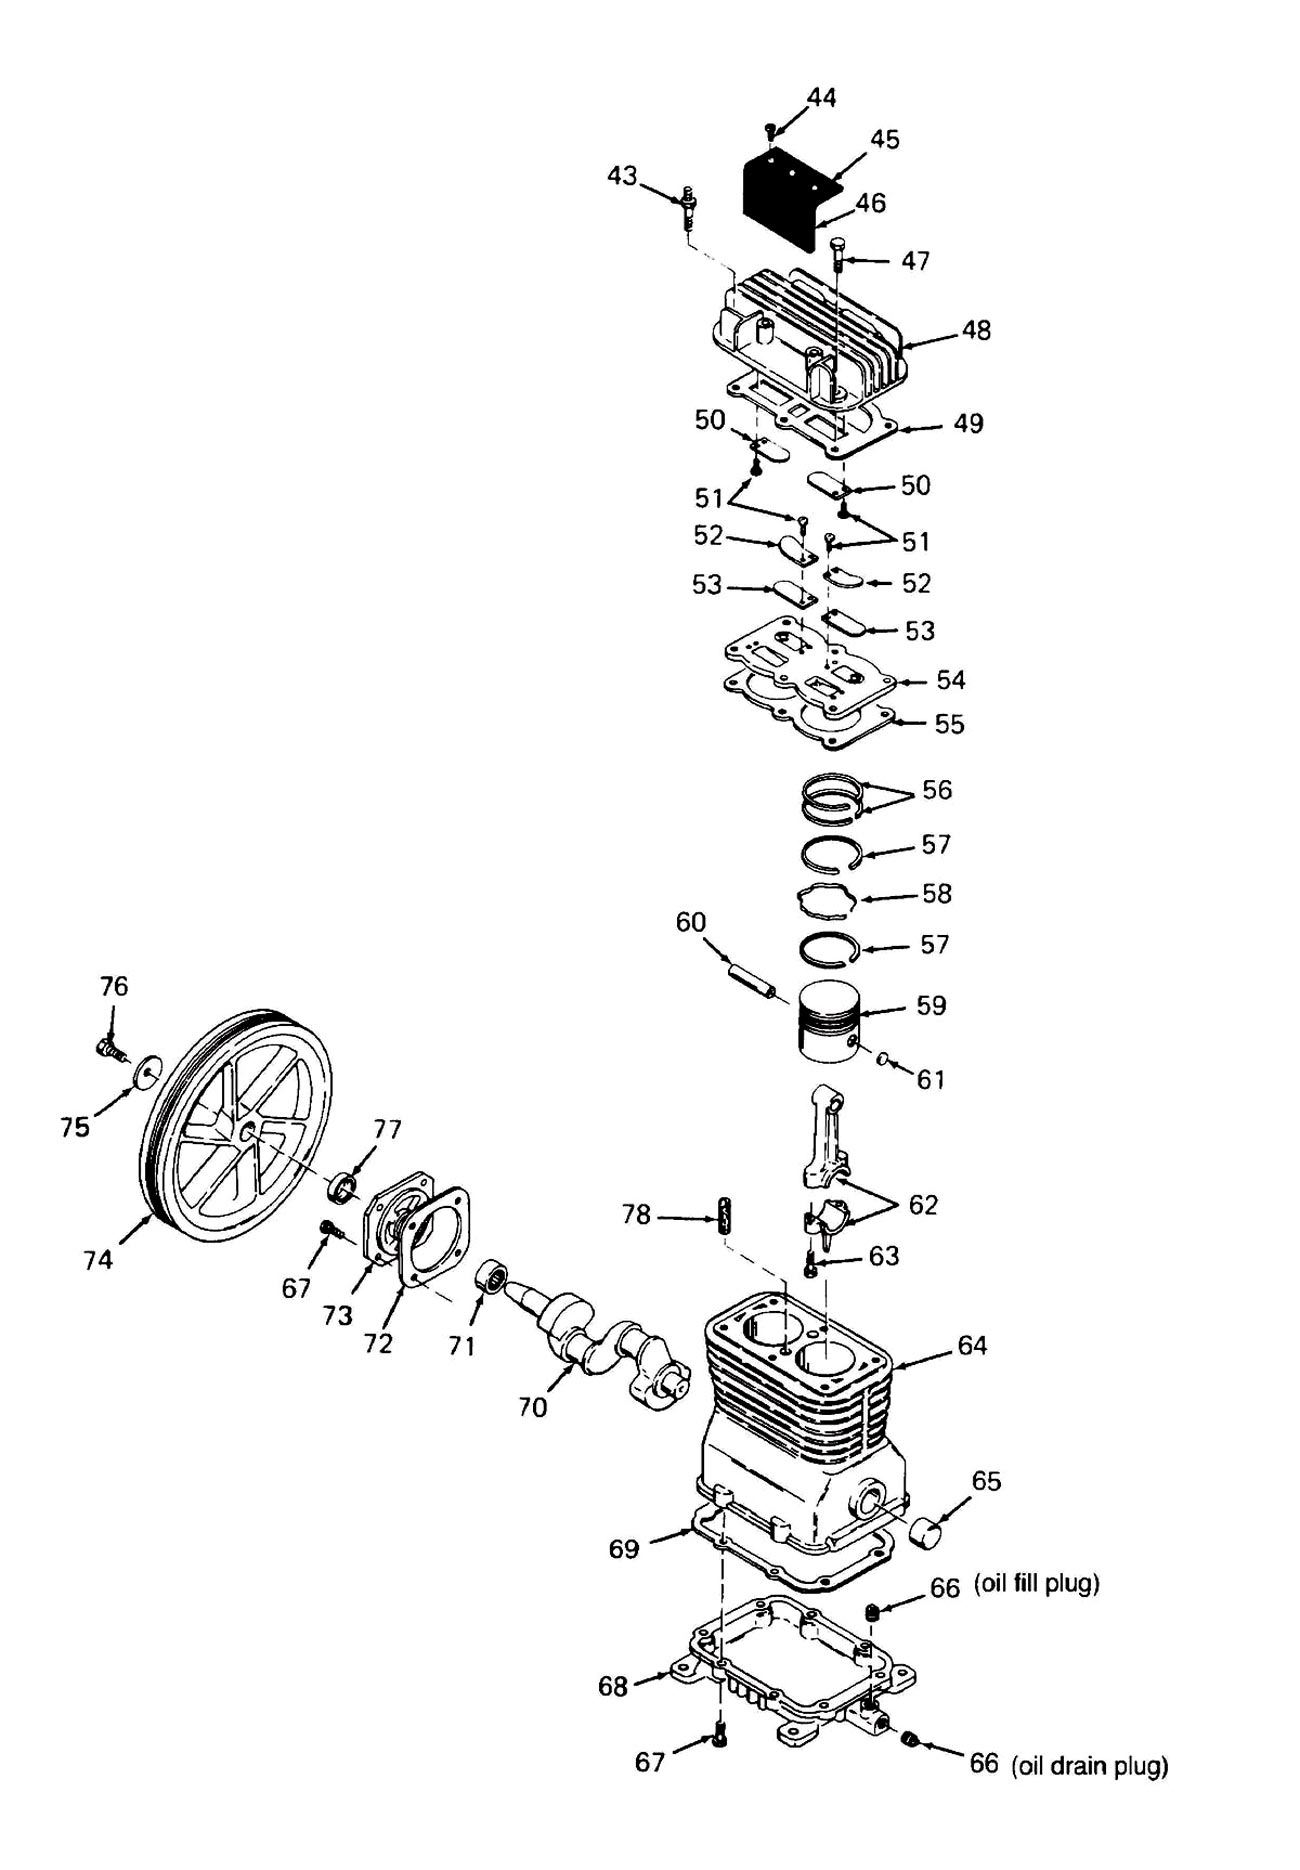 [SCHEMATICS_48YU]  GS_6507] Devilbiss Air Compressor Wiring Diagram Free Diagram | Devilbiss Air Compressor Wiring Diagram |  | Exxlu Puti Mohammedshrine Librar Wiring 101